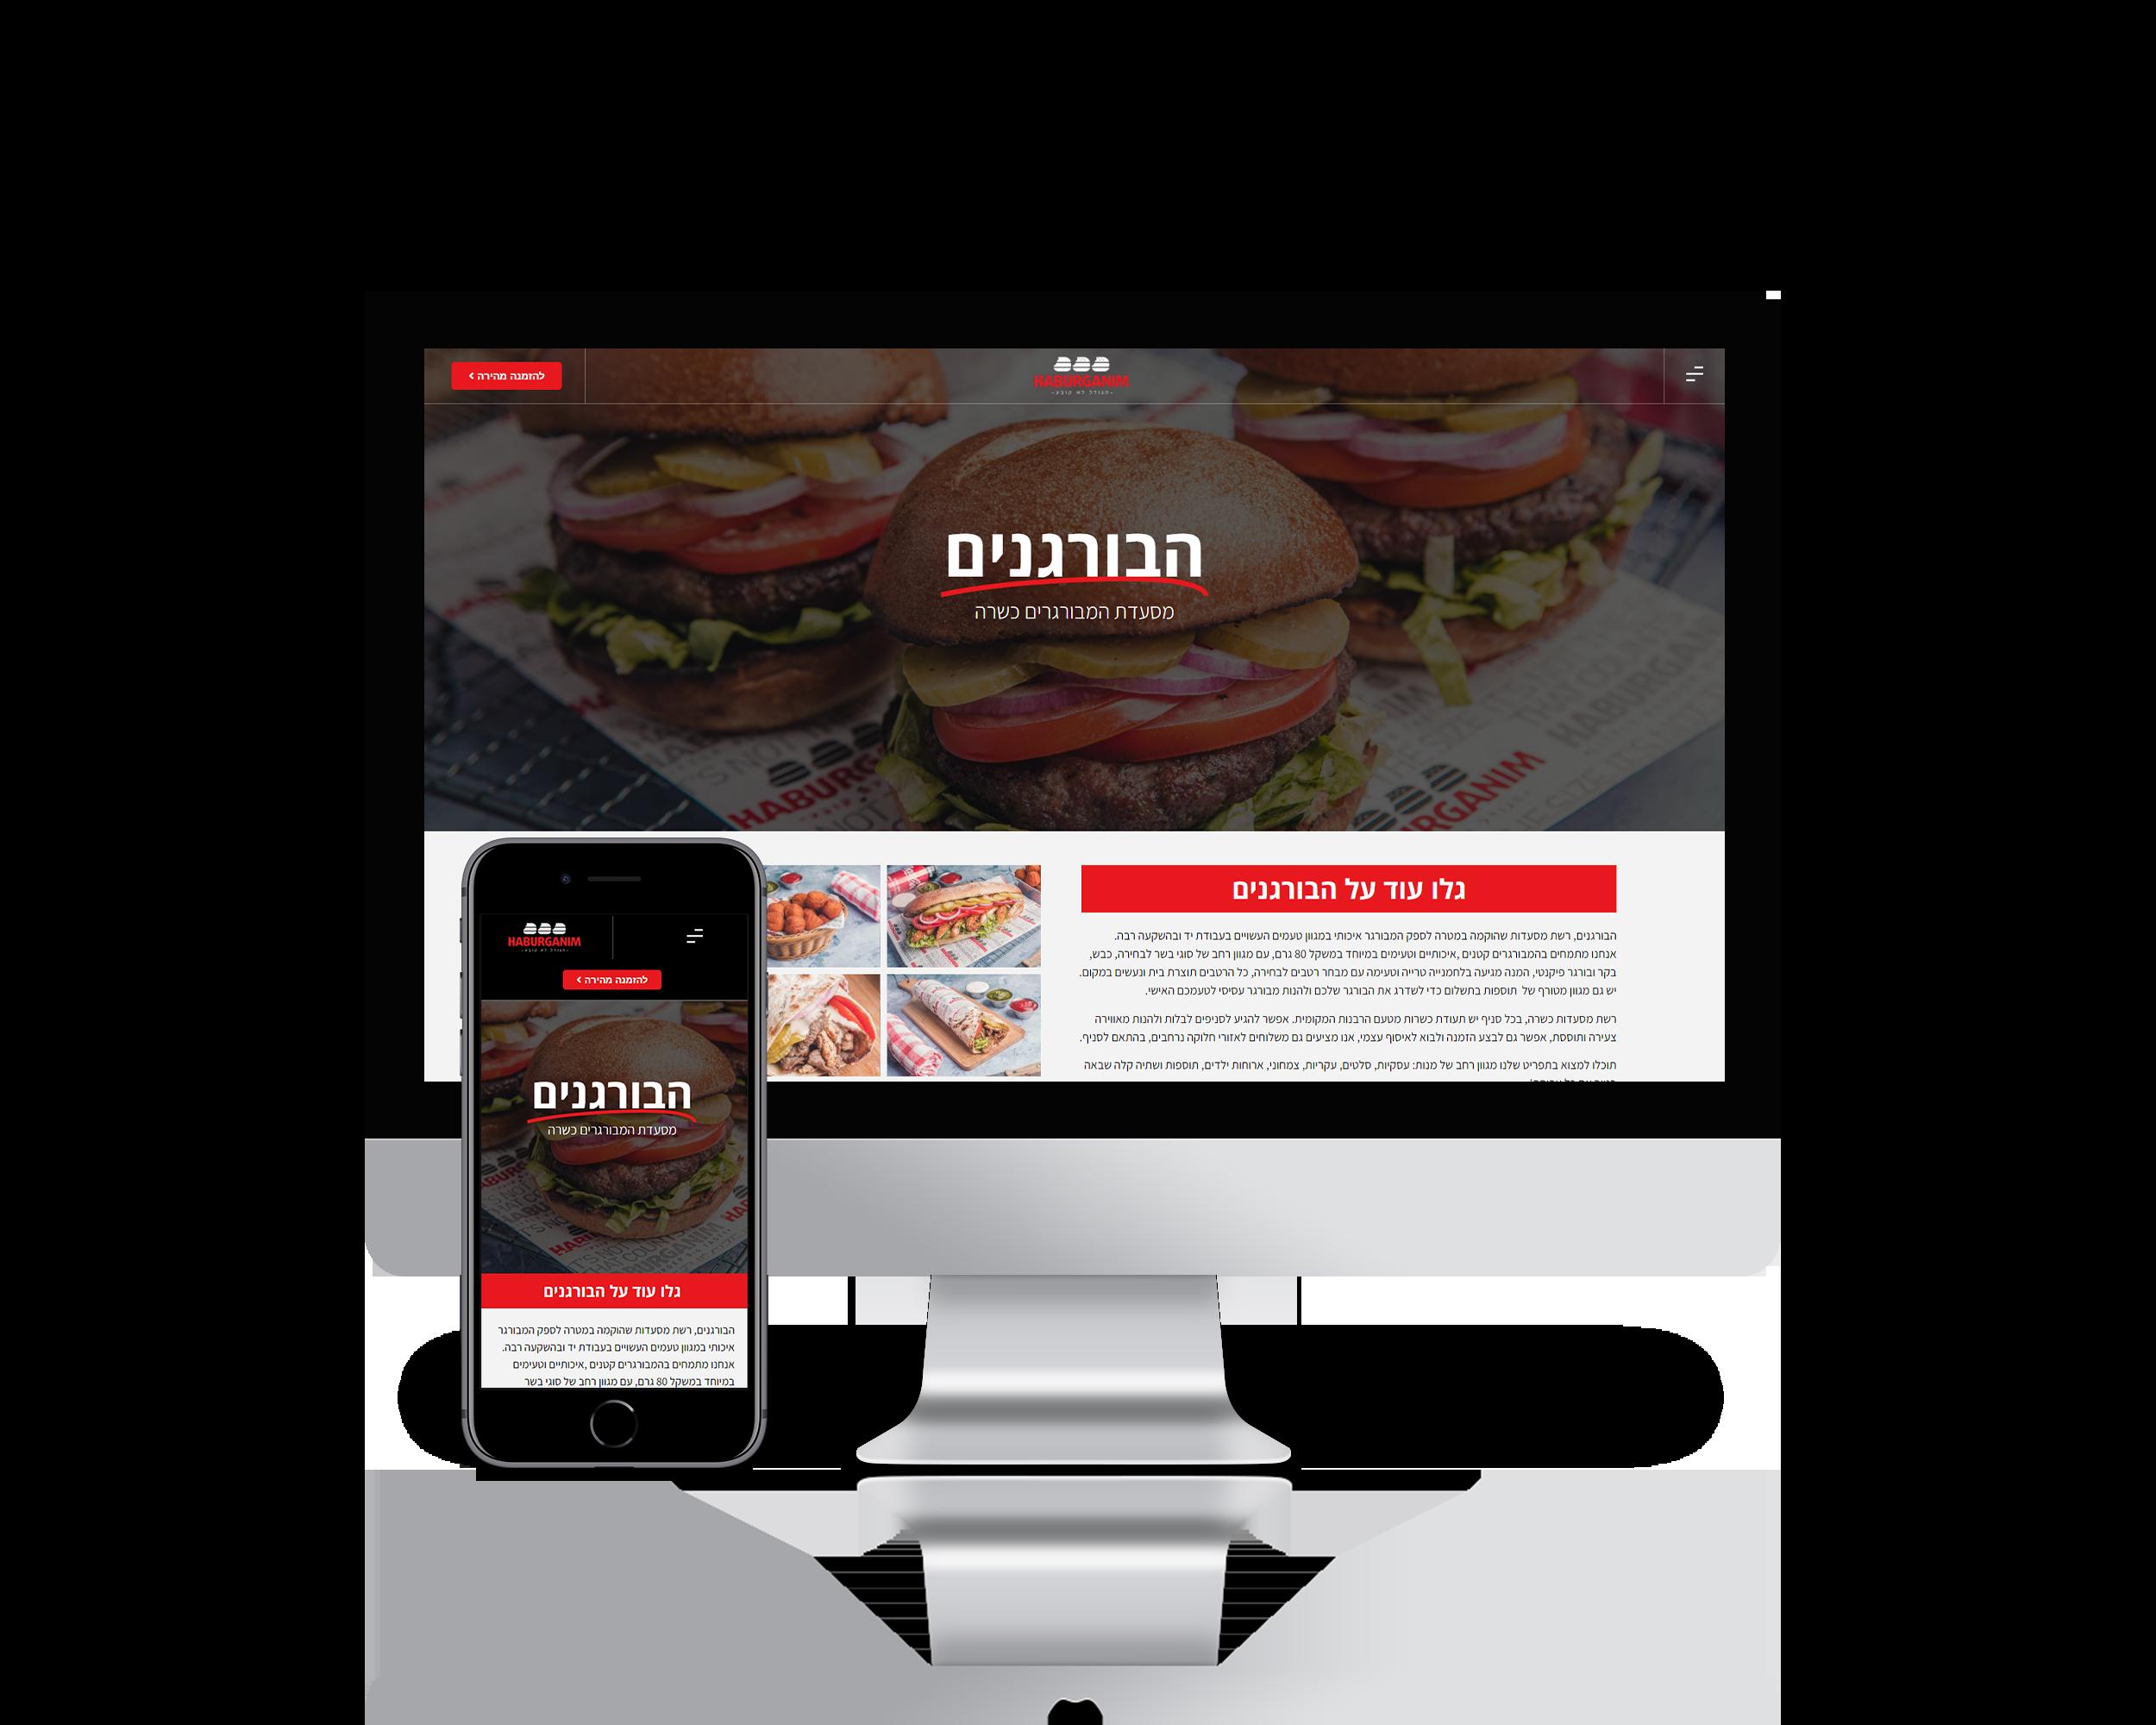 אתר תדמית הבורגנים מבין לקוחותינו